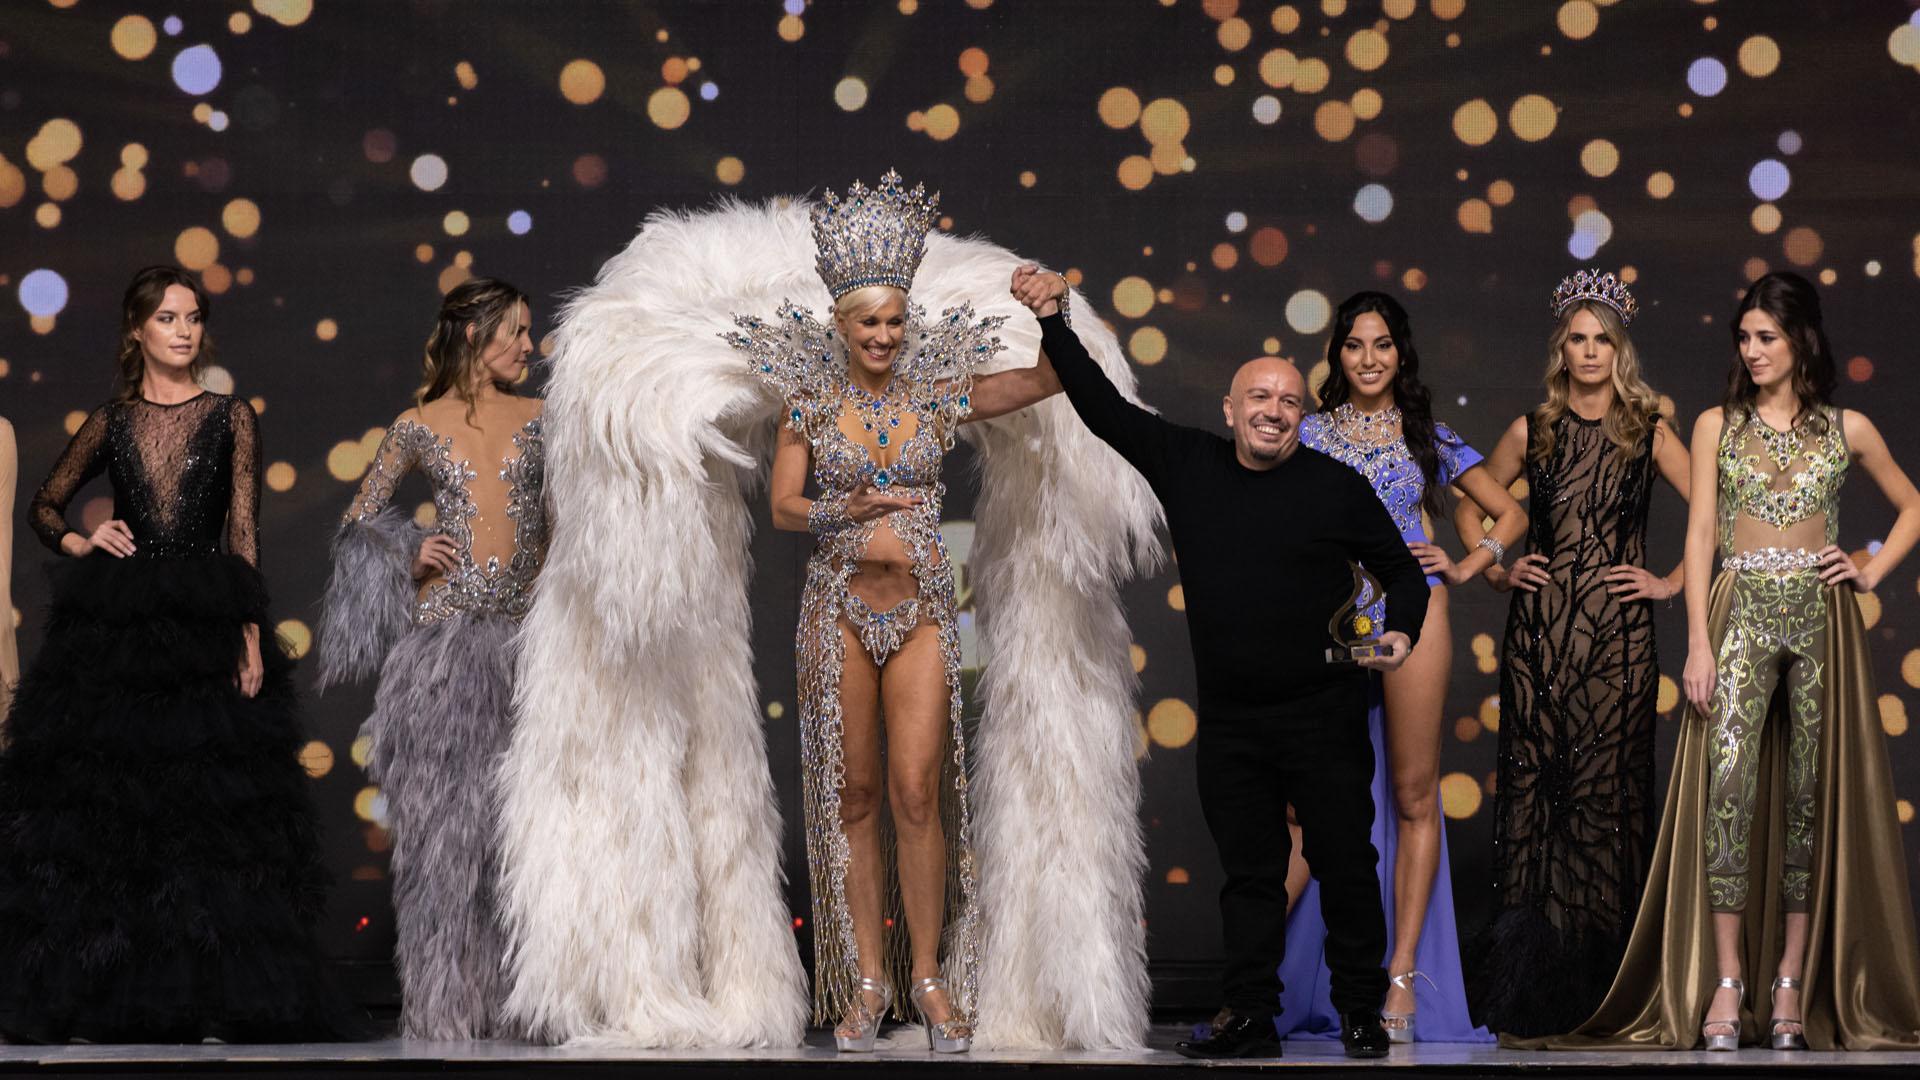 Sobre la extensa pasarela en el Centro de Convenciones Buenos Aires, las top models y los diseñadores más reconocidos del país, celebraron los 50 años de la marca experta en cosmética y belleza